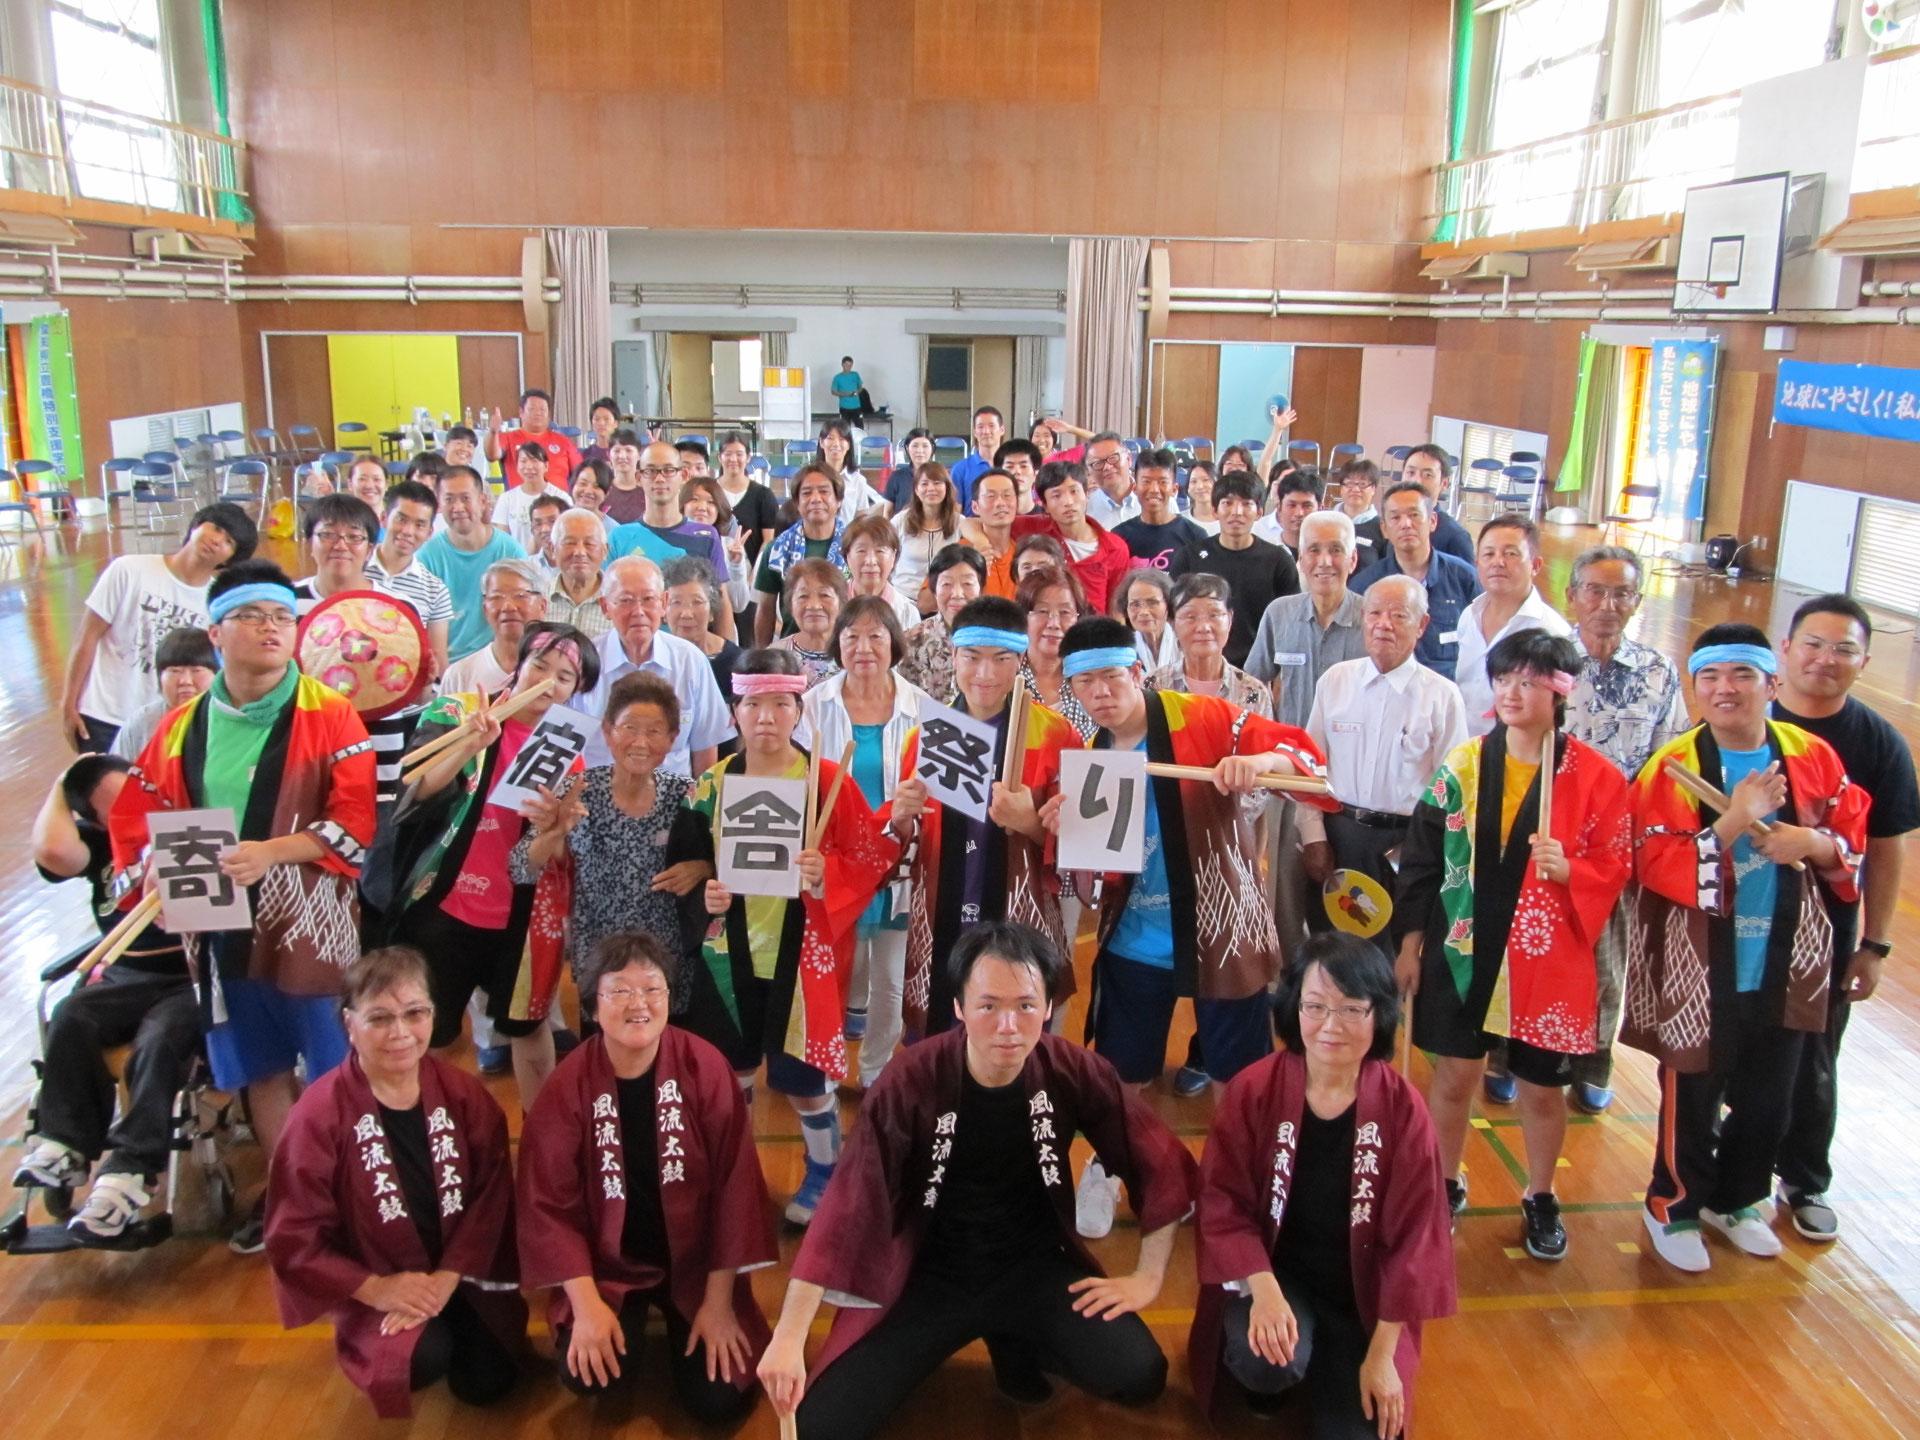 豊橋特別支援学校 寄宿舎祭